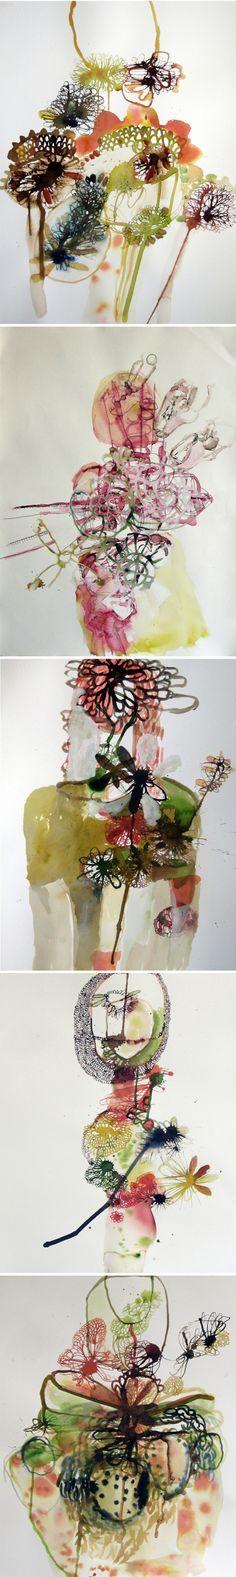 Elizabeth Terhune - abstract flower paintings.